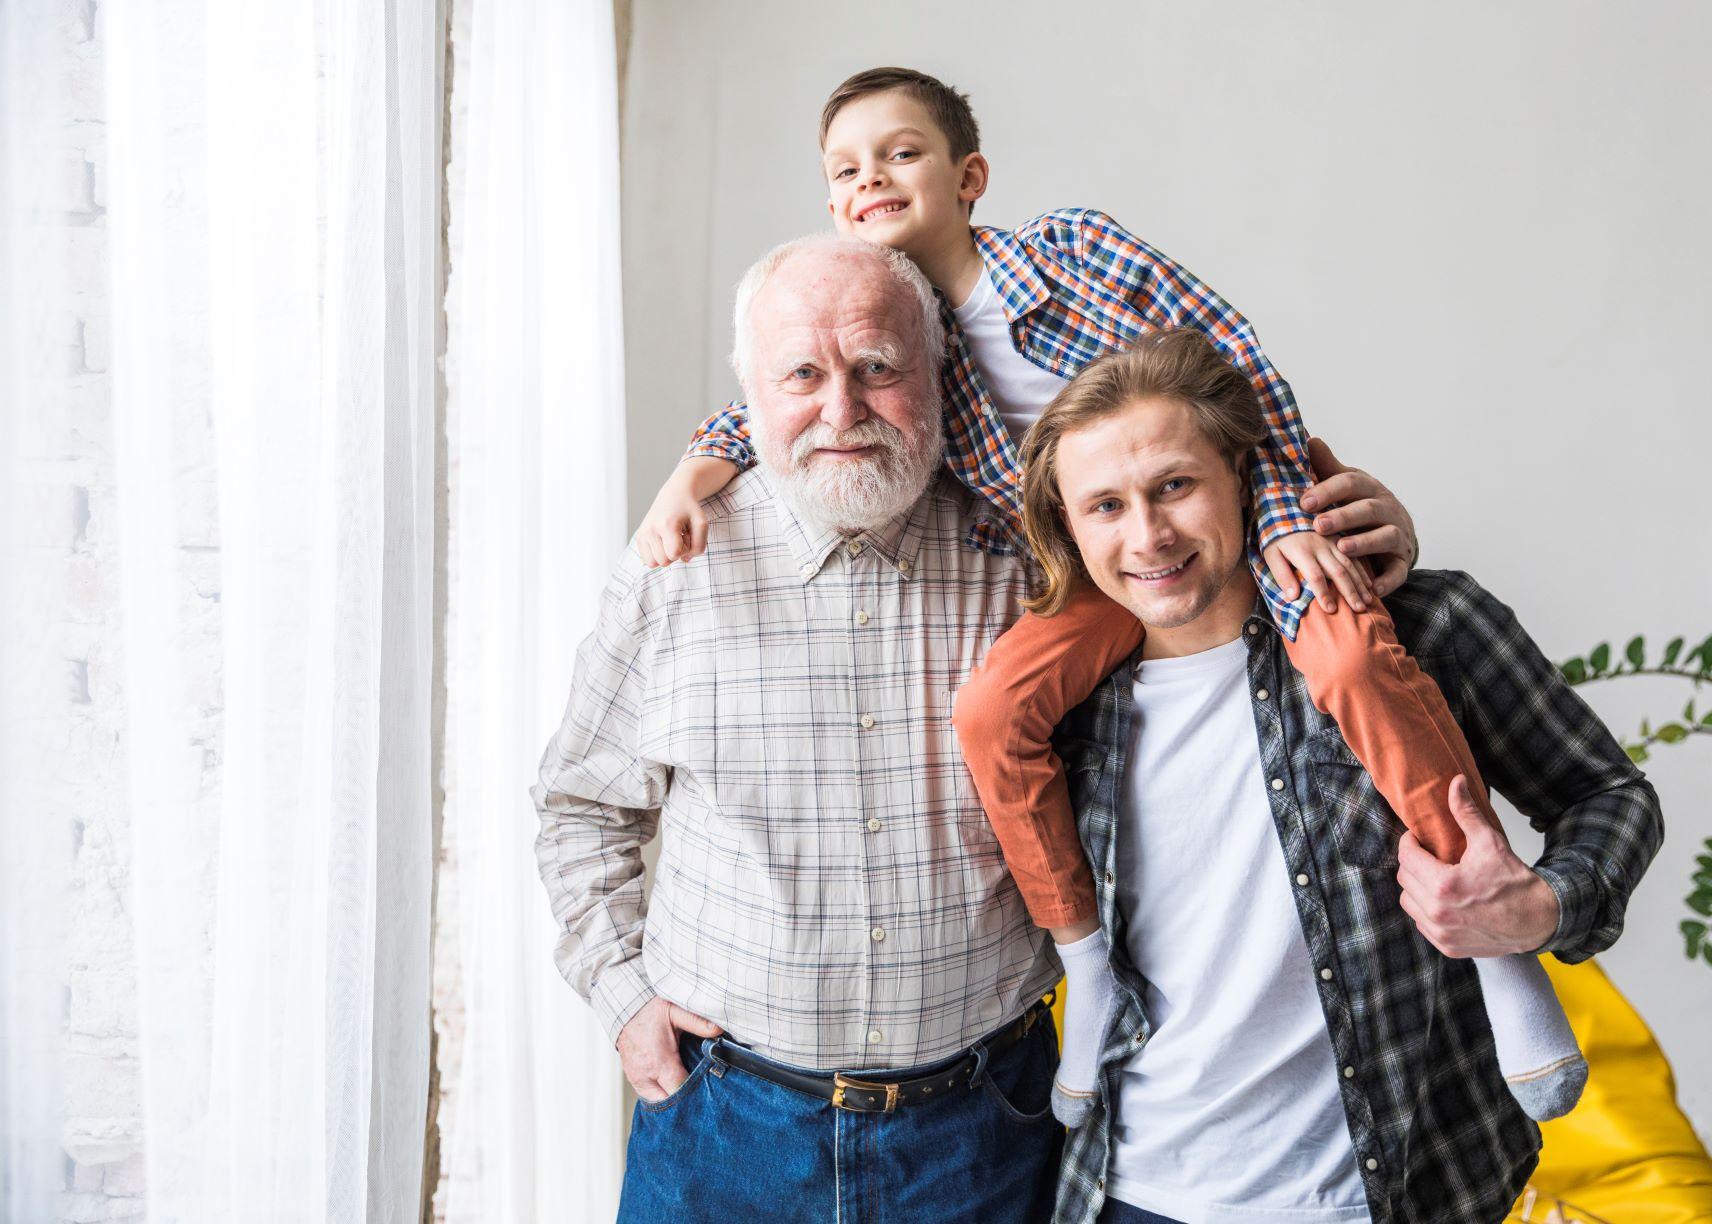 Leeftijdsonderscheid pensioenbijdrage toch toegestaan